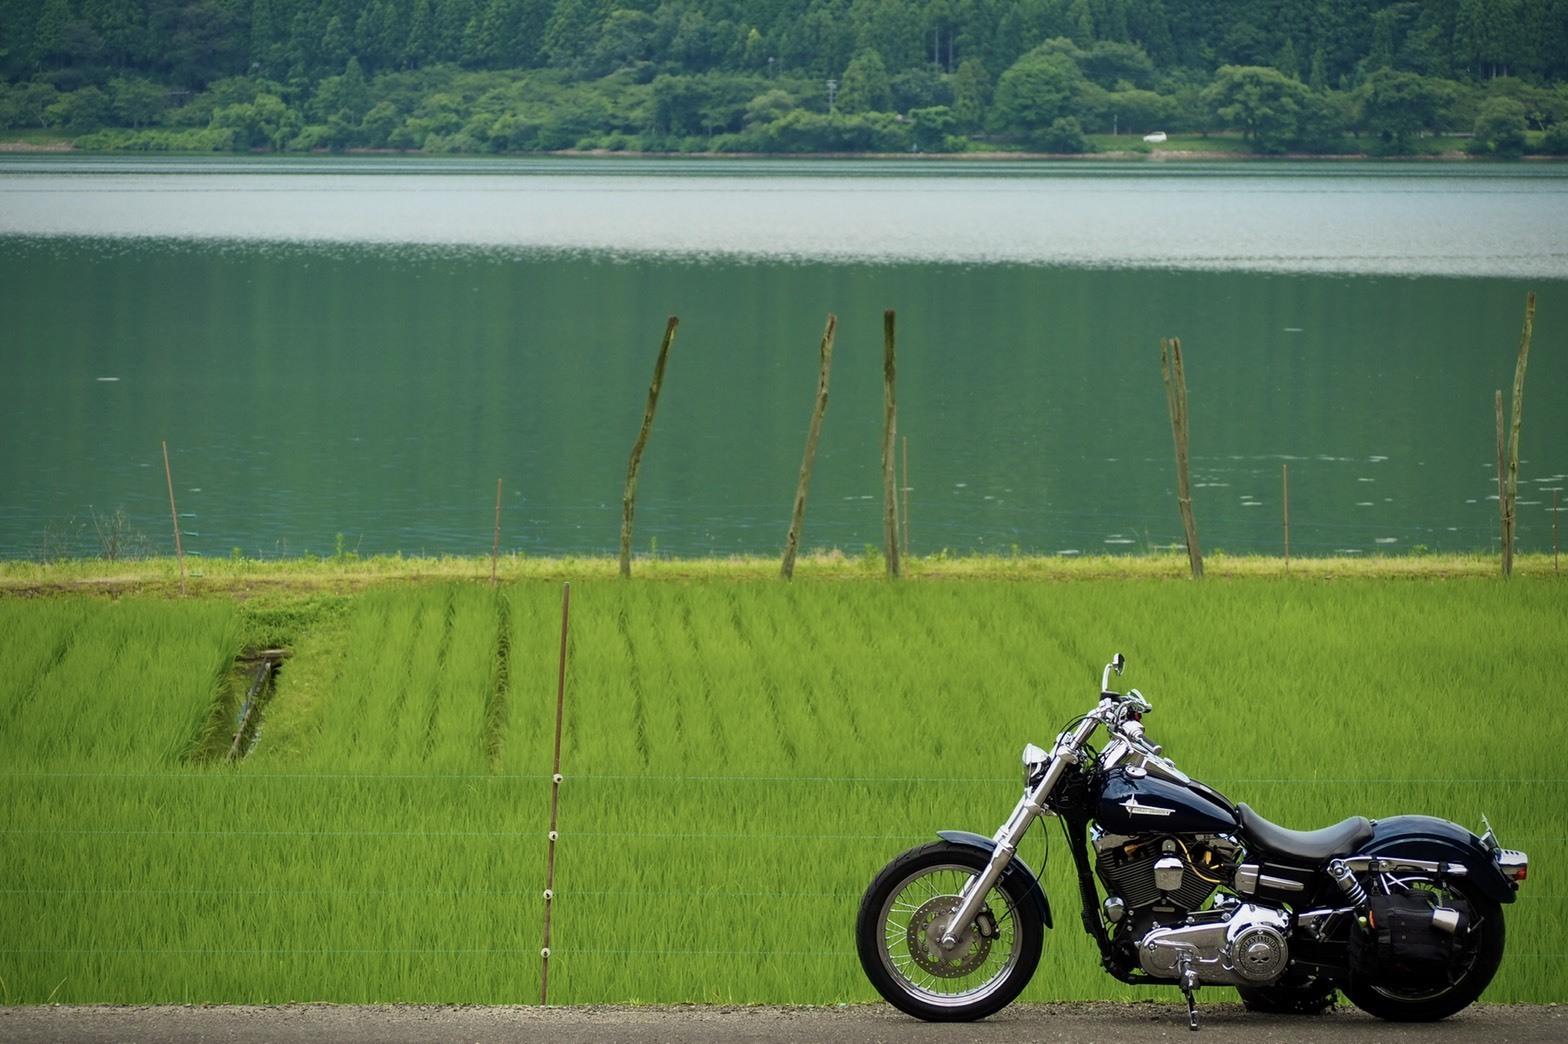 ぴーきちハーレーブログ ビワイチ ヨゴイチツーリング 余呉湖 絶景